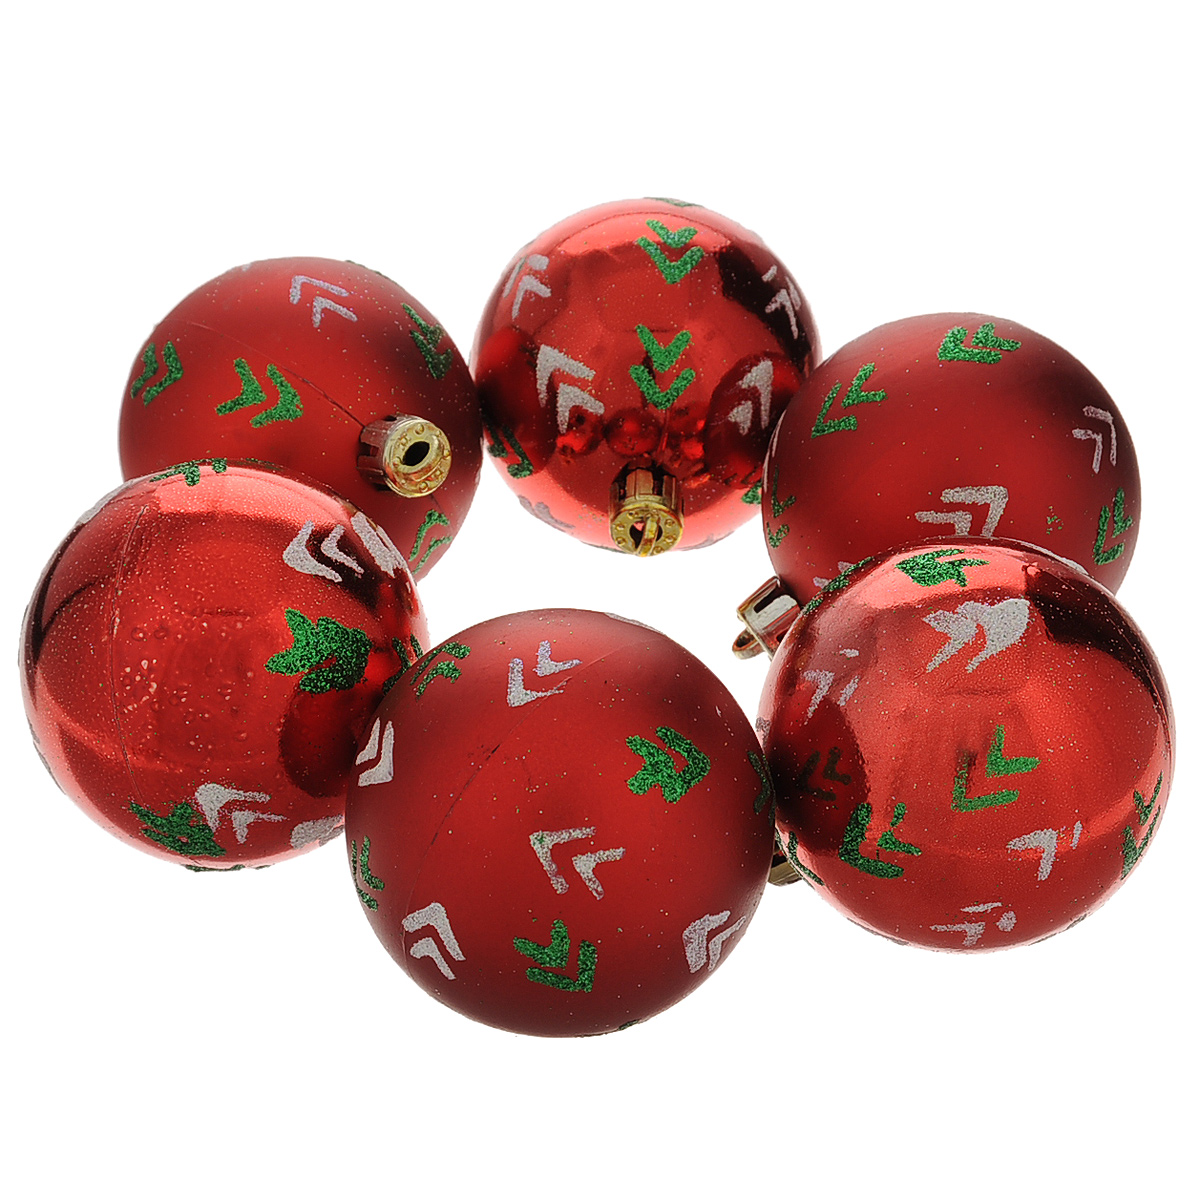 Набор новогодних подвесных украшений Шар, цвет: красный, зеленый, диаметр 6 см, 6 шт. 3550935509Набор новогодних подвесных украшений Шар прекрасно подойдет для праздничного декора новогодней ели. Состоит из шести шаров.Елочная игрушка - символ Нового года. Она несет в себе волшебство и красоту праздника. Создайте в своем доме атмосферу веселья и радости, украшая новогоднюю елку нарядными игрушками, которые будут из года в год накапливать теплоту воспоминаний. Коллекция декоративных украшений принесет в ваш дом ни с чем несравнимое ощущение волшебства! Откройте для себя удивительный мир сказок и грез. Почувствуйте волшебные минуты ожидания праздника, создайте новогоднее настроение вашим дорогим и близким.